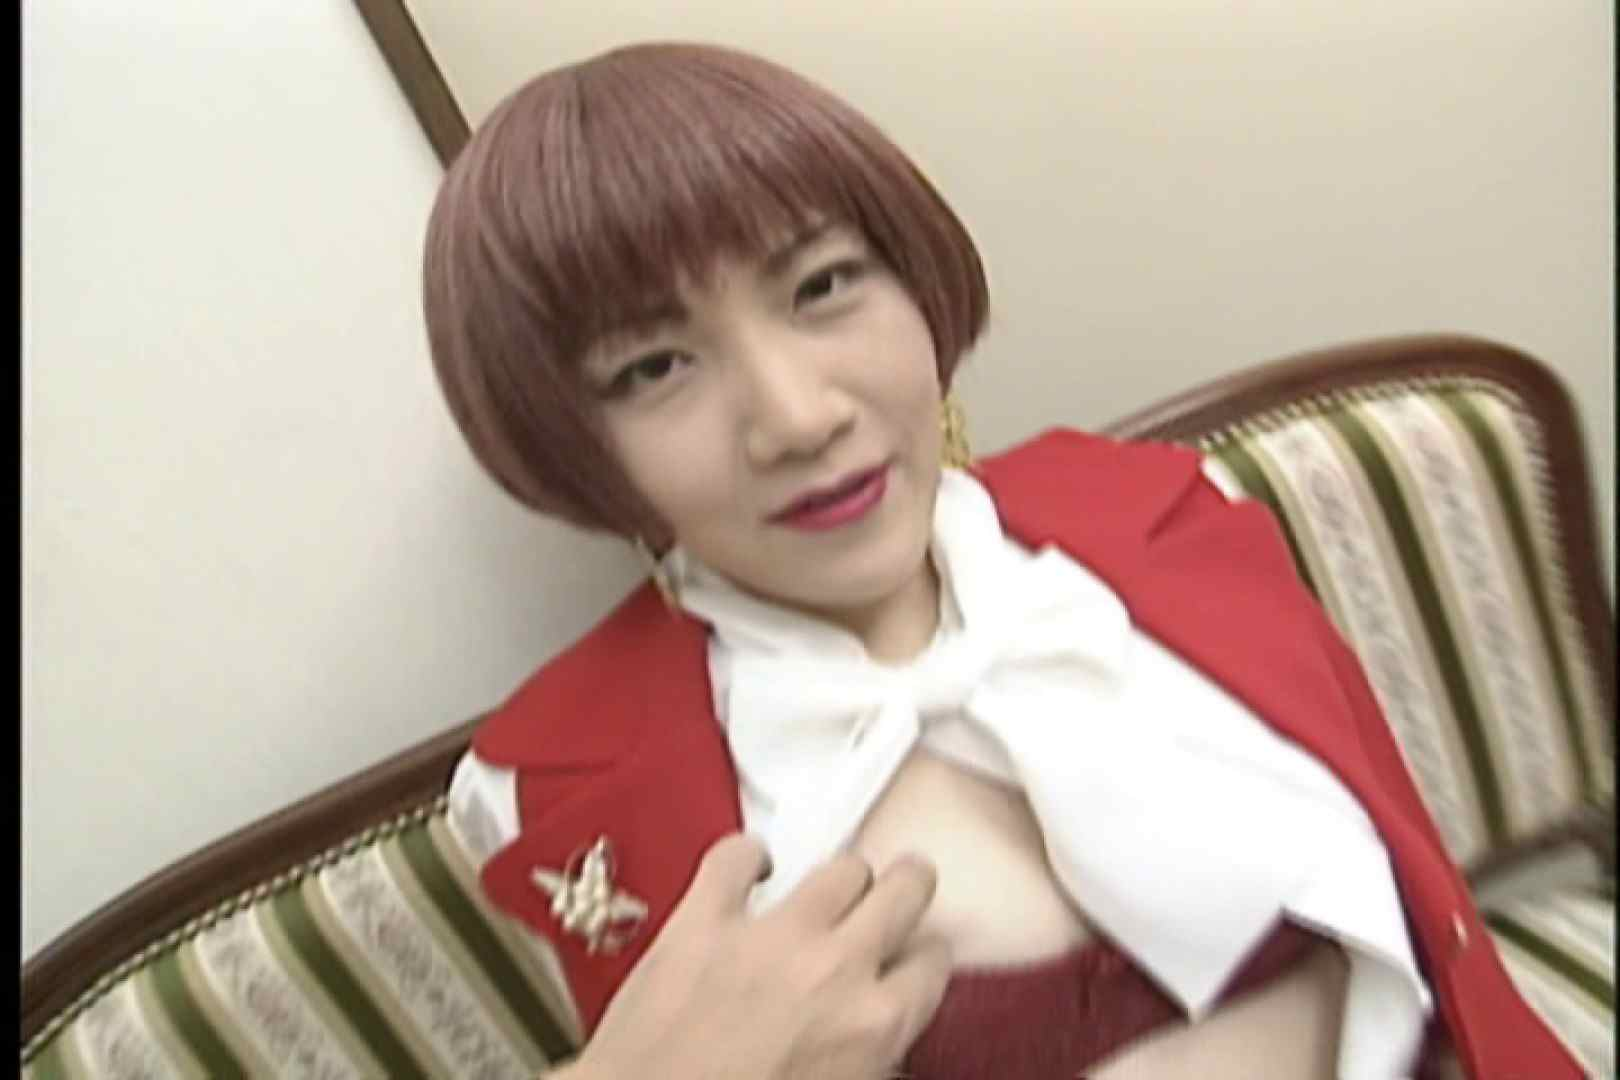 ショートカットのお姉さんは性欲旺盛~藤あいこ~ おっぱい大好き | バイブプレイ  73pic 29